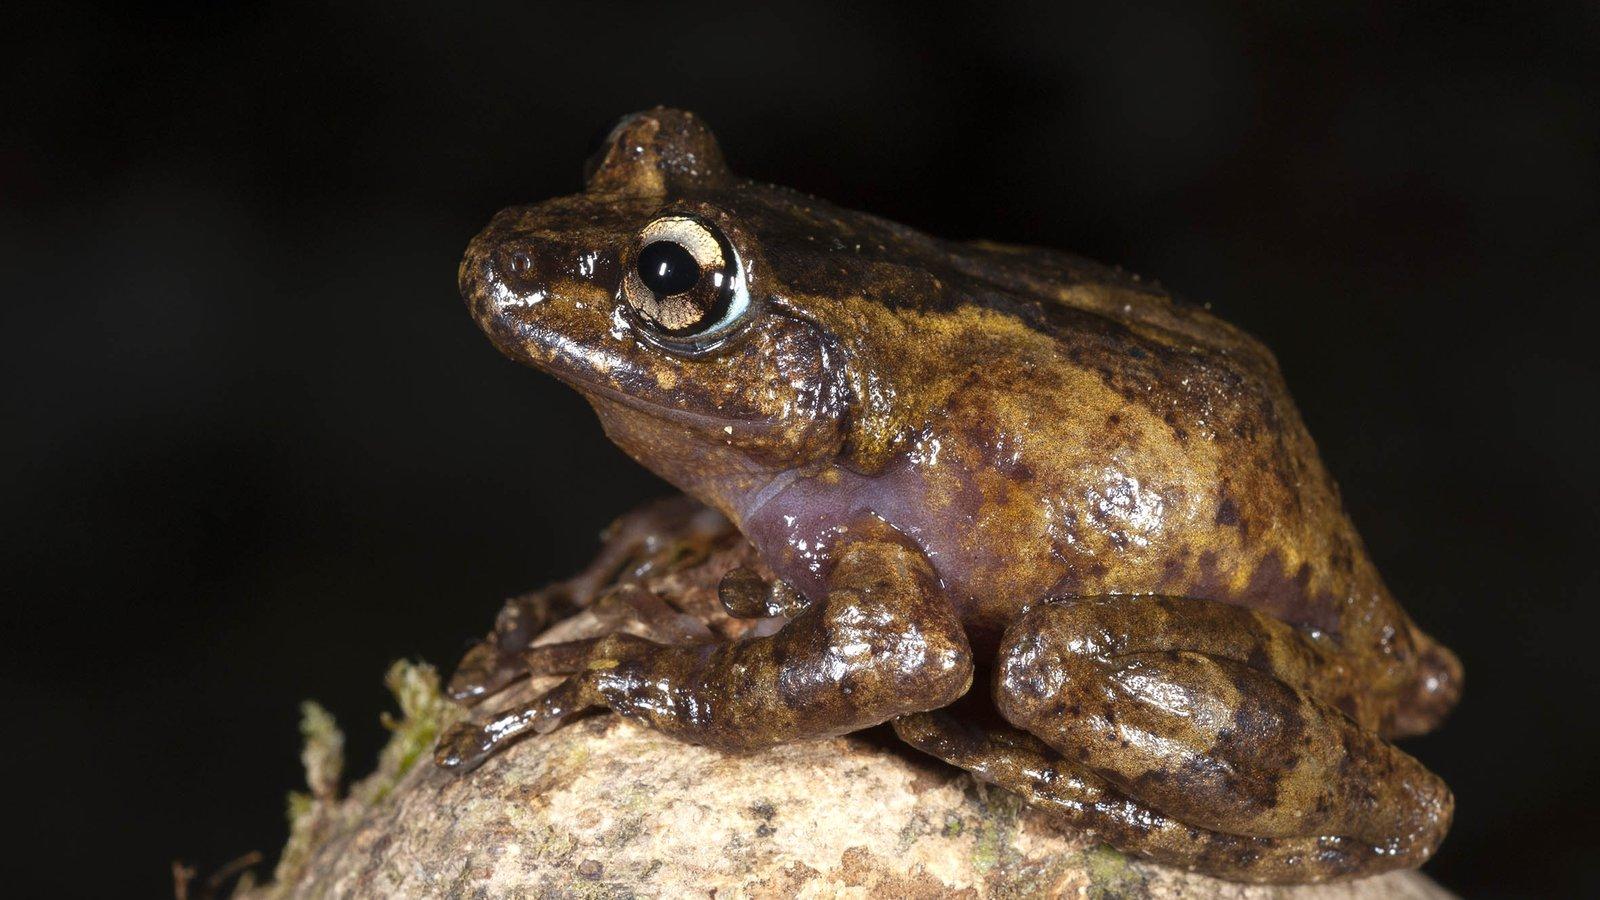 Trieng Tree Frog (Gracixalus trieng), Vietnam.